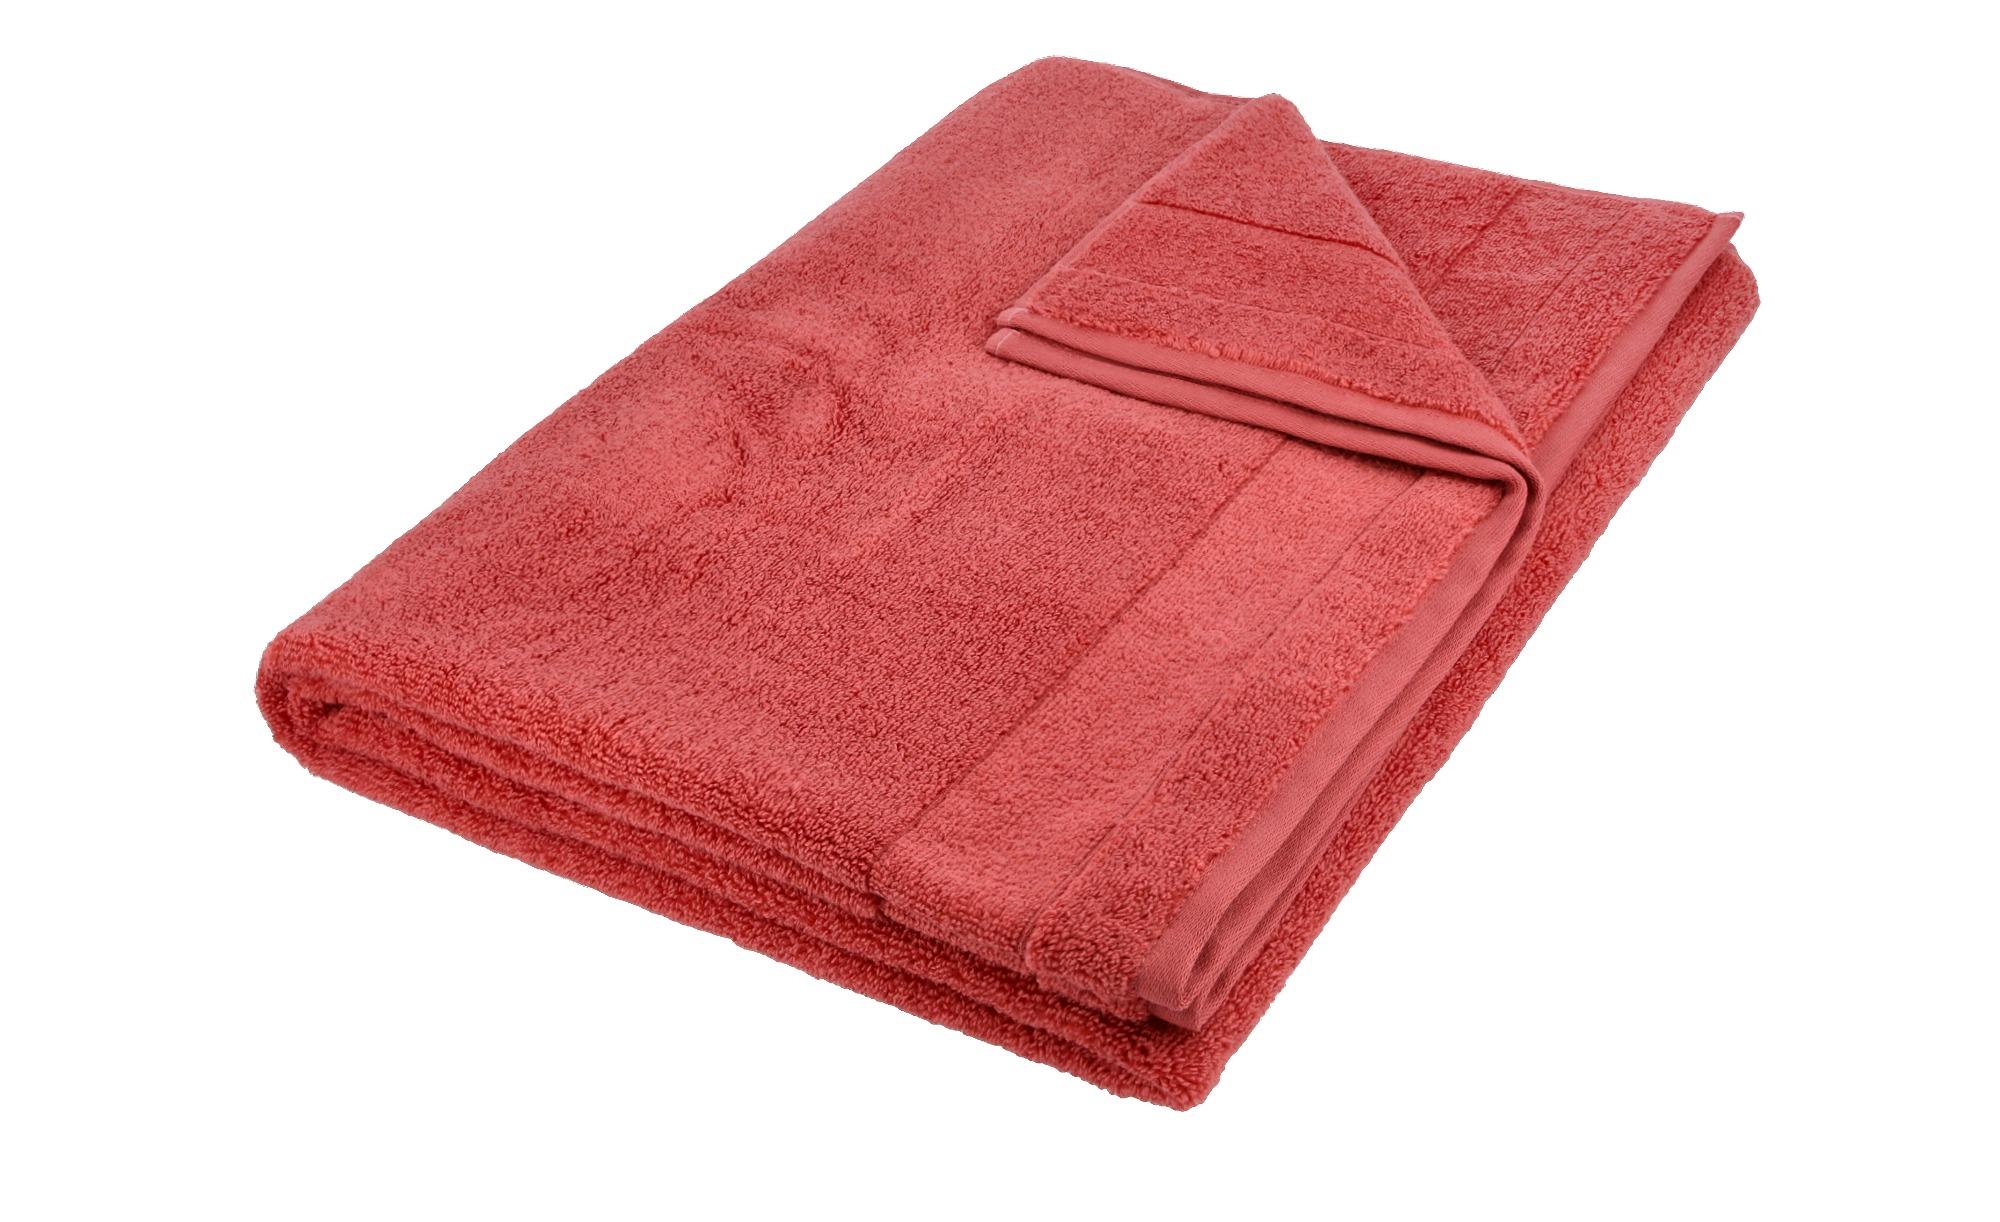 VOSSEN Badetuch  Cloud ¦ rot ¦ 100% Baumwolle ¦ Maße (cm): B: 100 Badtextilien und Zubehör > Handtuch-Sets - Höffner